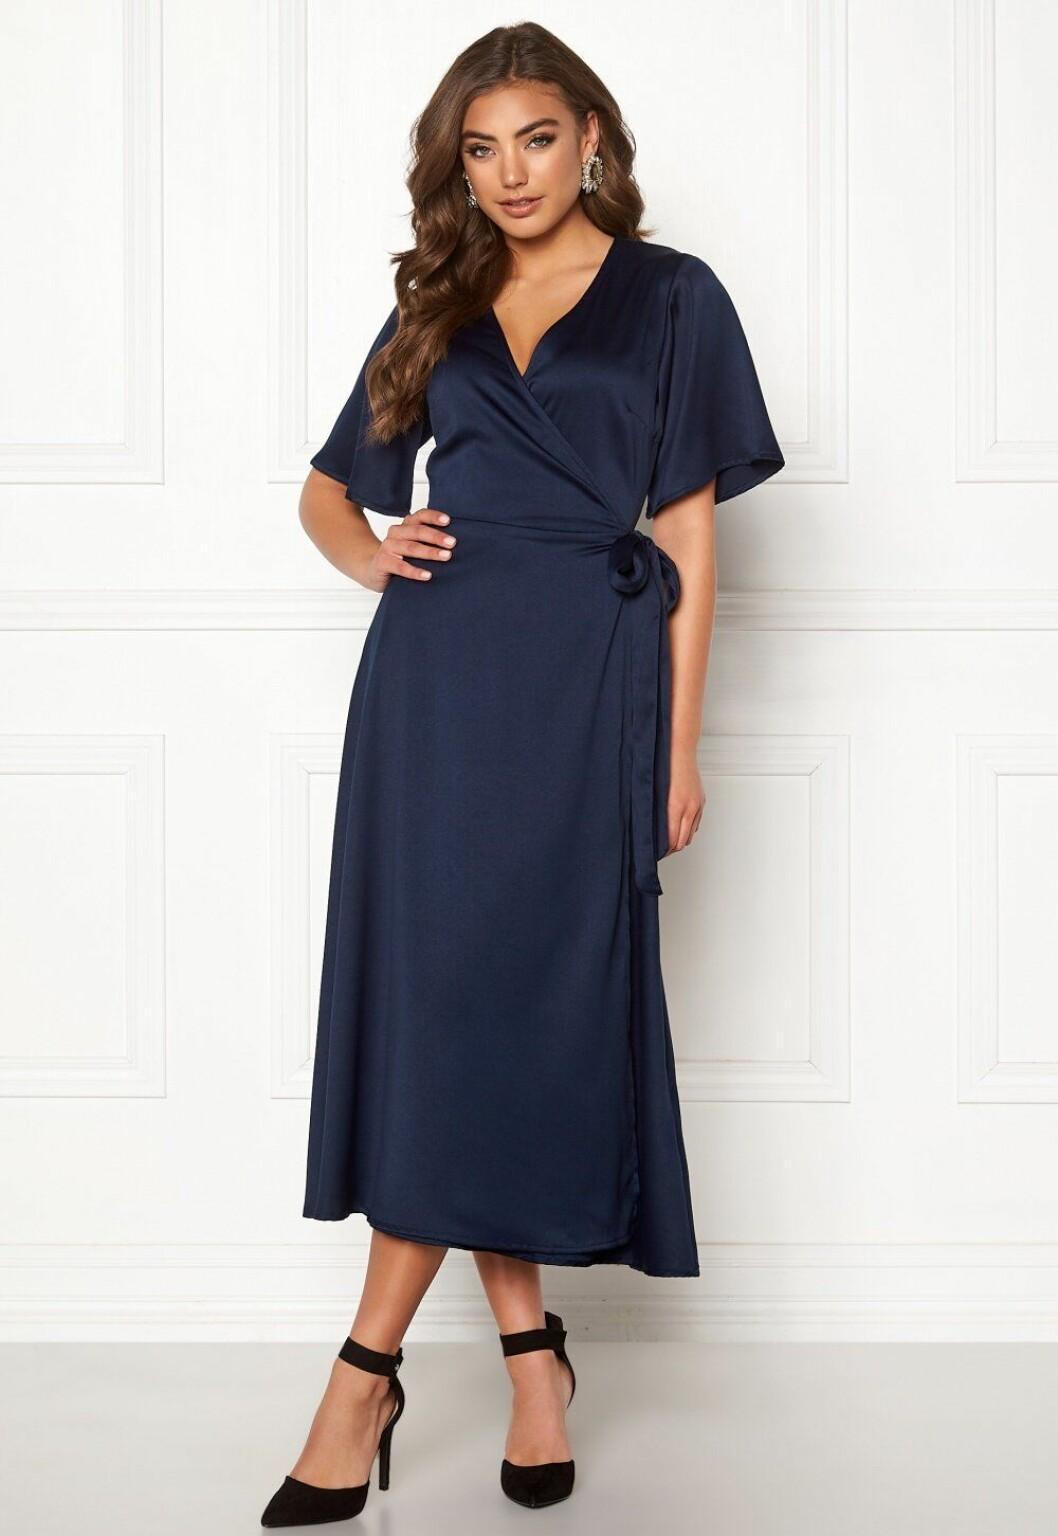 Blå omlottklänning för dam till bröllop 2020